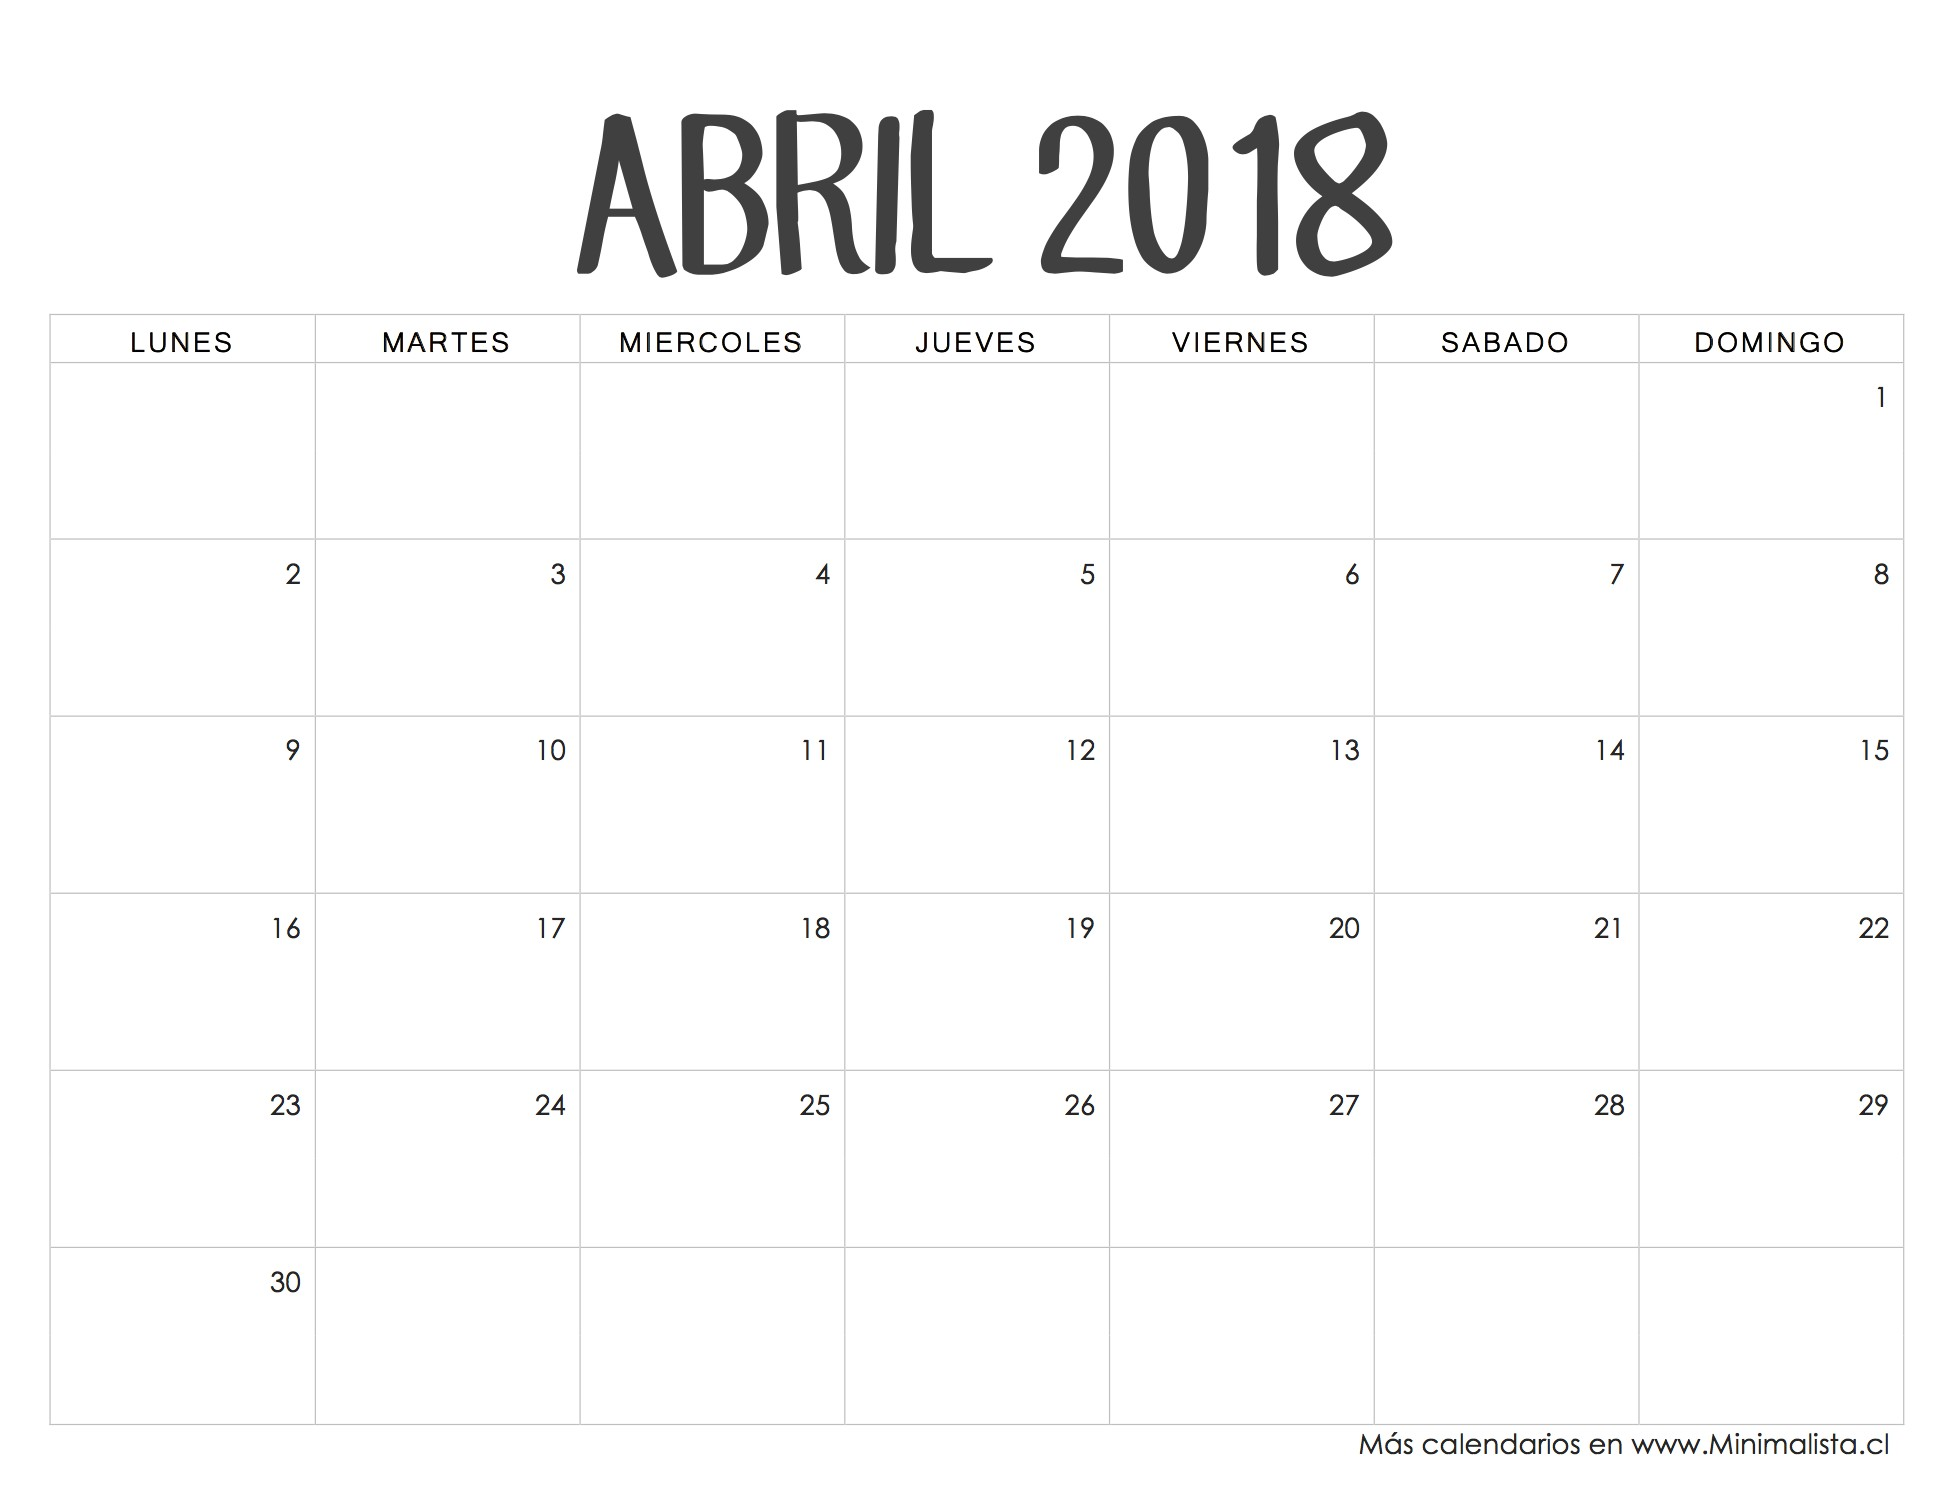 Calendario 2019 Chile Imprimir Con Feriados Actual Calendario Abril 2018 Calendarios Pinterest Of Calendario 2019 Chile Imprimir Con Feriados Más Recientes Calendario Noviembre 2018 Printables Pinterest